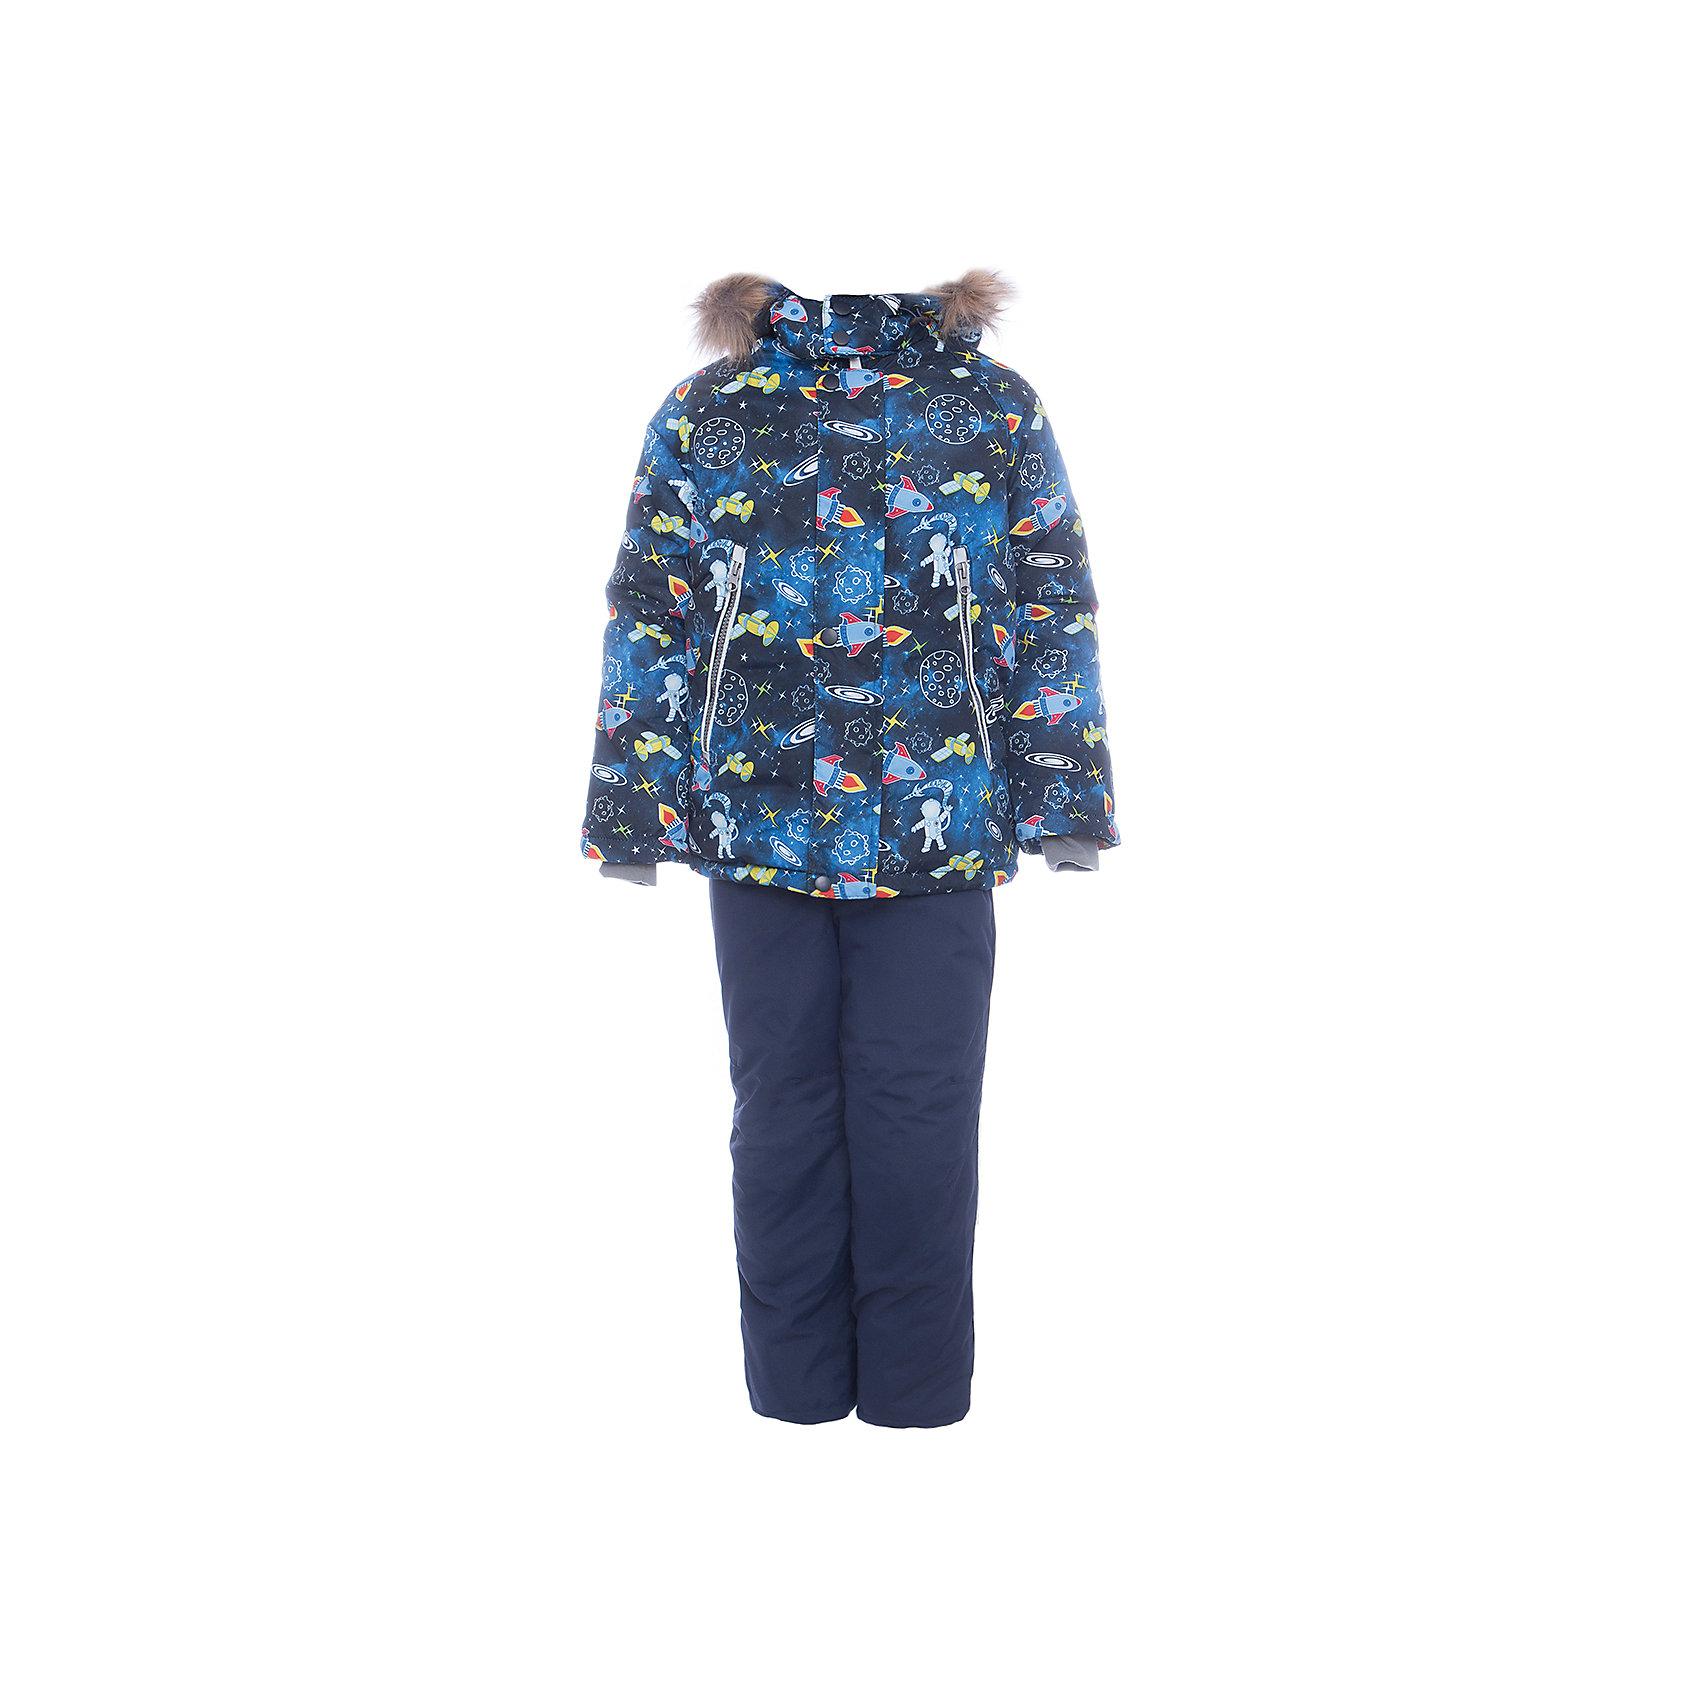 Комплект: куртка и полукомбенизон Космос Batik для мальчикаВерхняя одежда<br>Комплект: куртка и полукомбенизон Космос Batik для мальчика<br>Верхняя ткань обладает водоотталкивающими и ветрозащитными свойствами мембраны. Куртка на молнии с ветрозащитной планкой, светоотражающими элементами и съемным капюшоном. Полукомбинезон с отстегивающимися лямками.<br>Состав:<br>Ткань верха - TASLON OXFORD;  Утеплитель - Слайтекс 350;  Подкладка - Полар флис;<br><br>Ширина мм: 356<br>Глубина мм: 10<br>Высота мм: 245<br>Вес г: 519<br>Цвет: синий<br>Возраст от месяцев: 60<br>Возраст до месяцев: 72<br>Пол: Мужской<br>Возраст: Детский<br>Размер: 116,104,110<br>SKU: 7028289